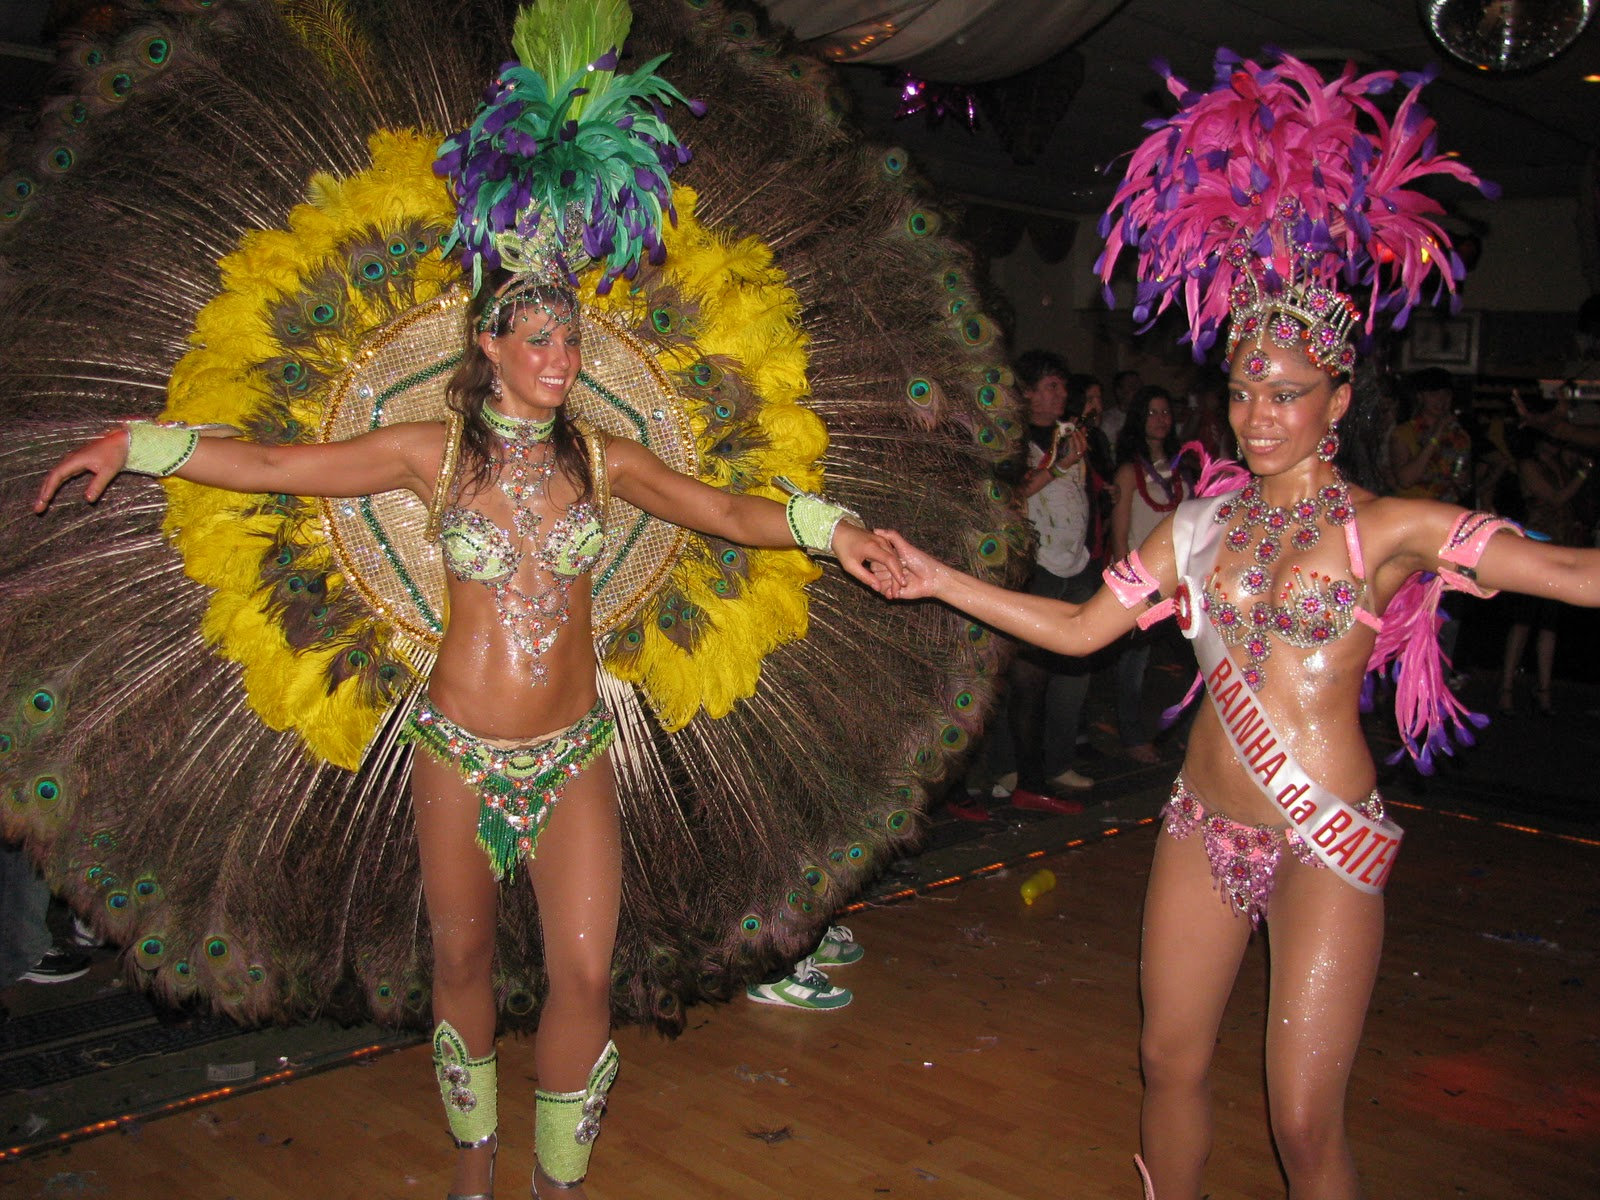 The Carnival of Brasil